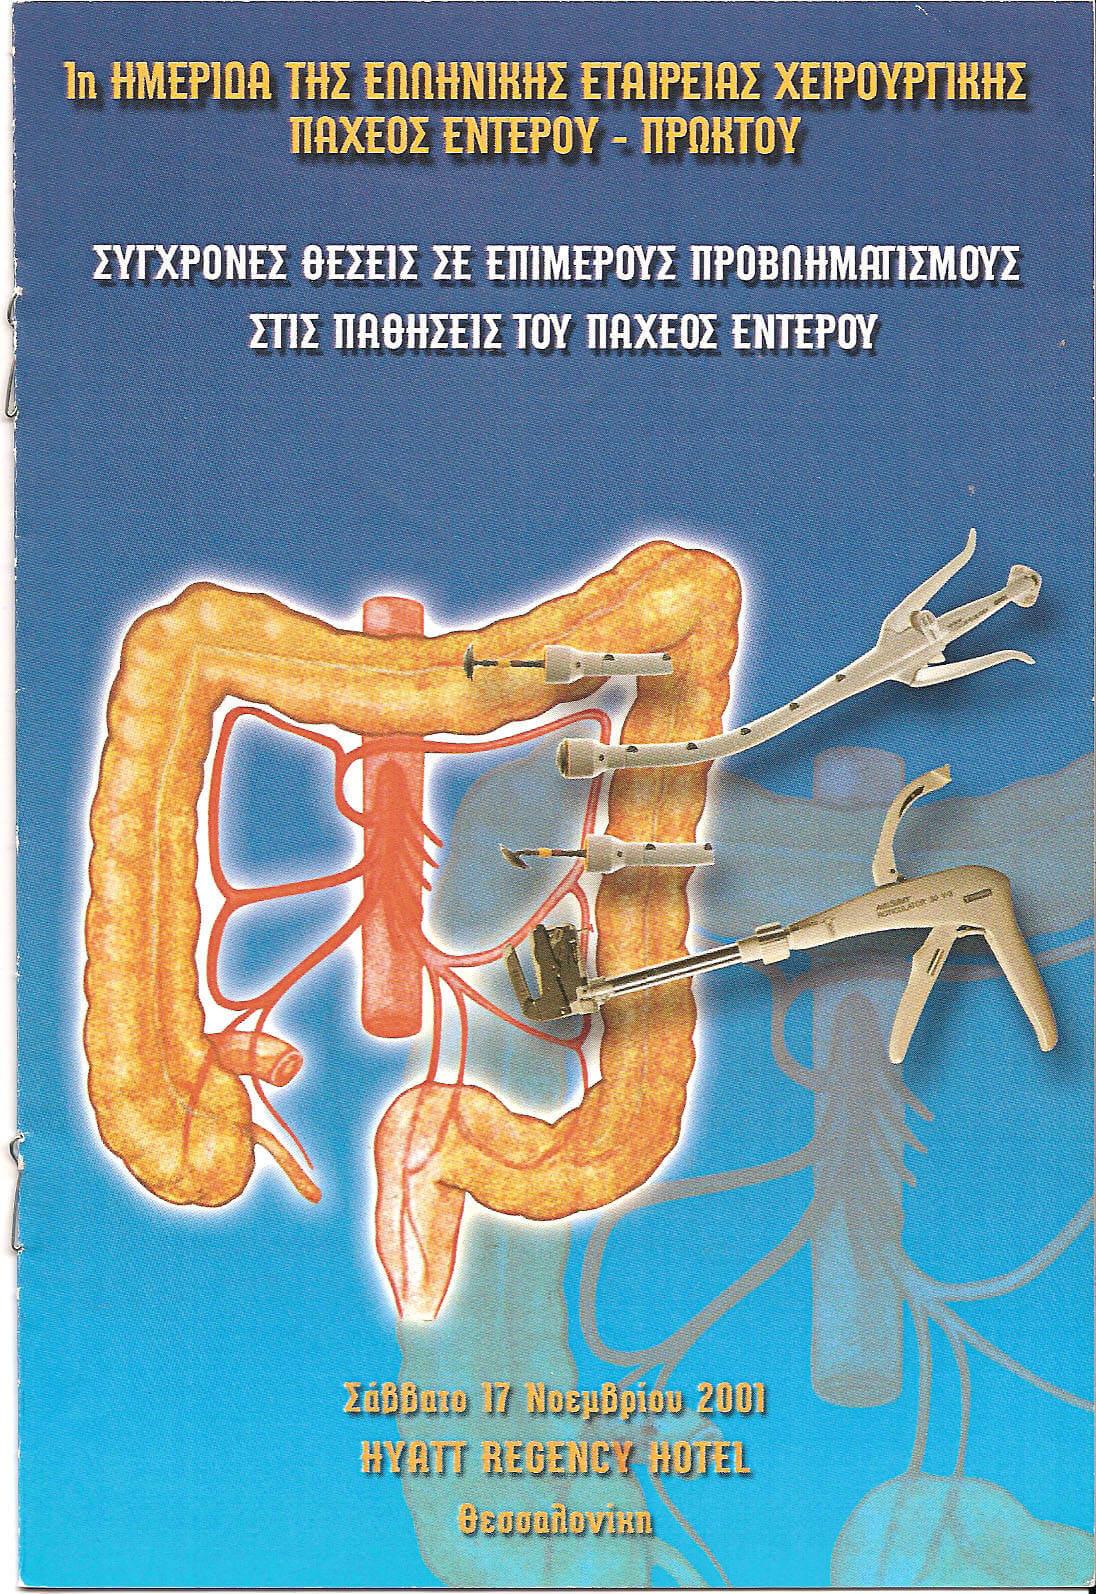 1η ημερίδα της Ελληνικής Εταιρείας Χειρουργικής Παχέος εντέρου - Πρωκτού